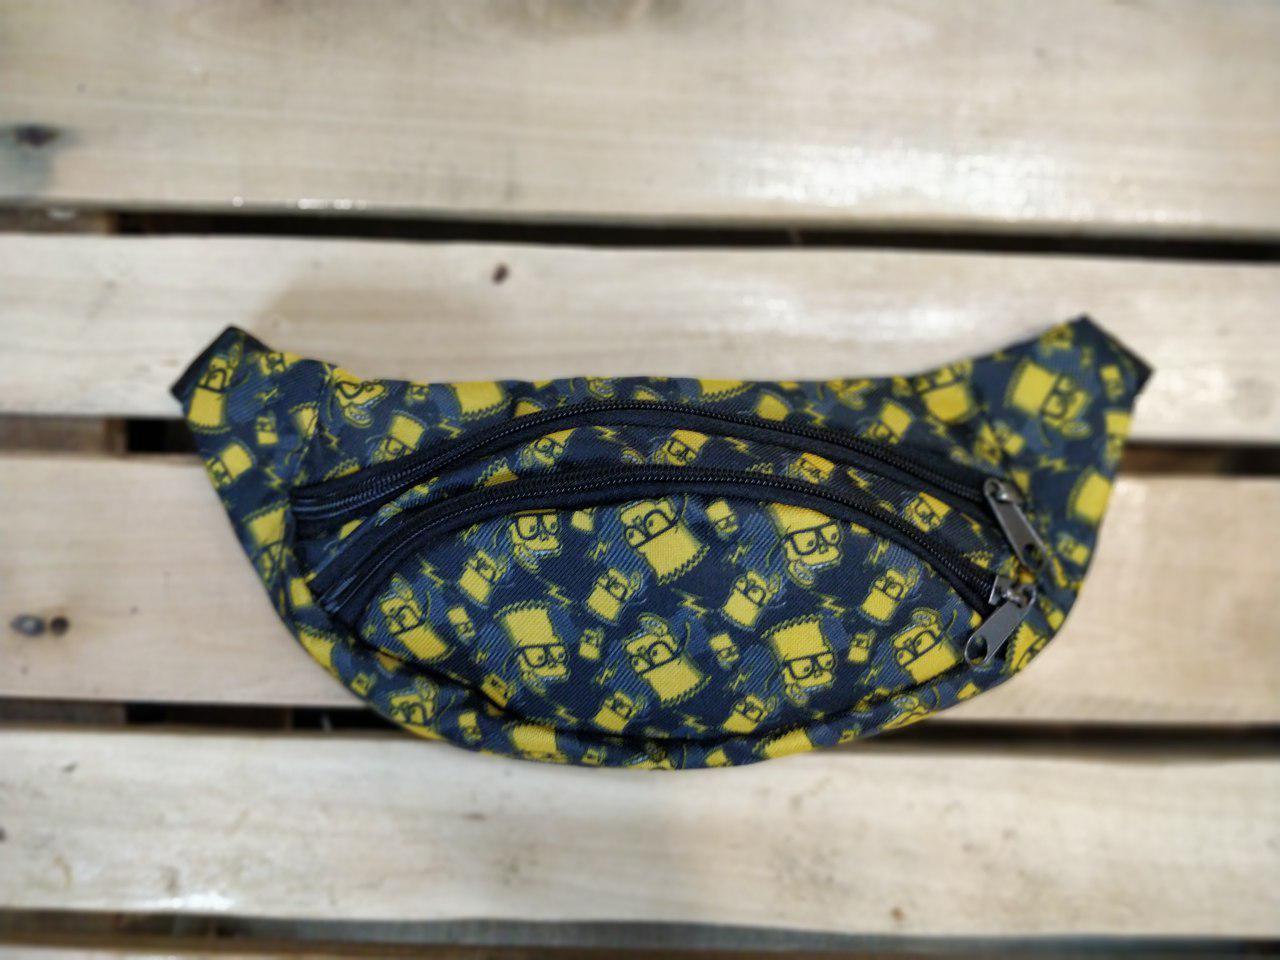 Поясна сумка (бананка) унісекс принт